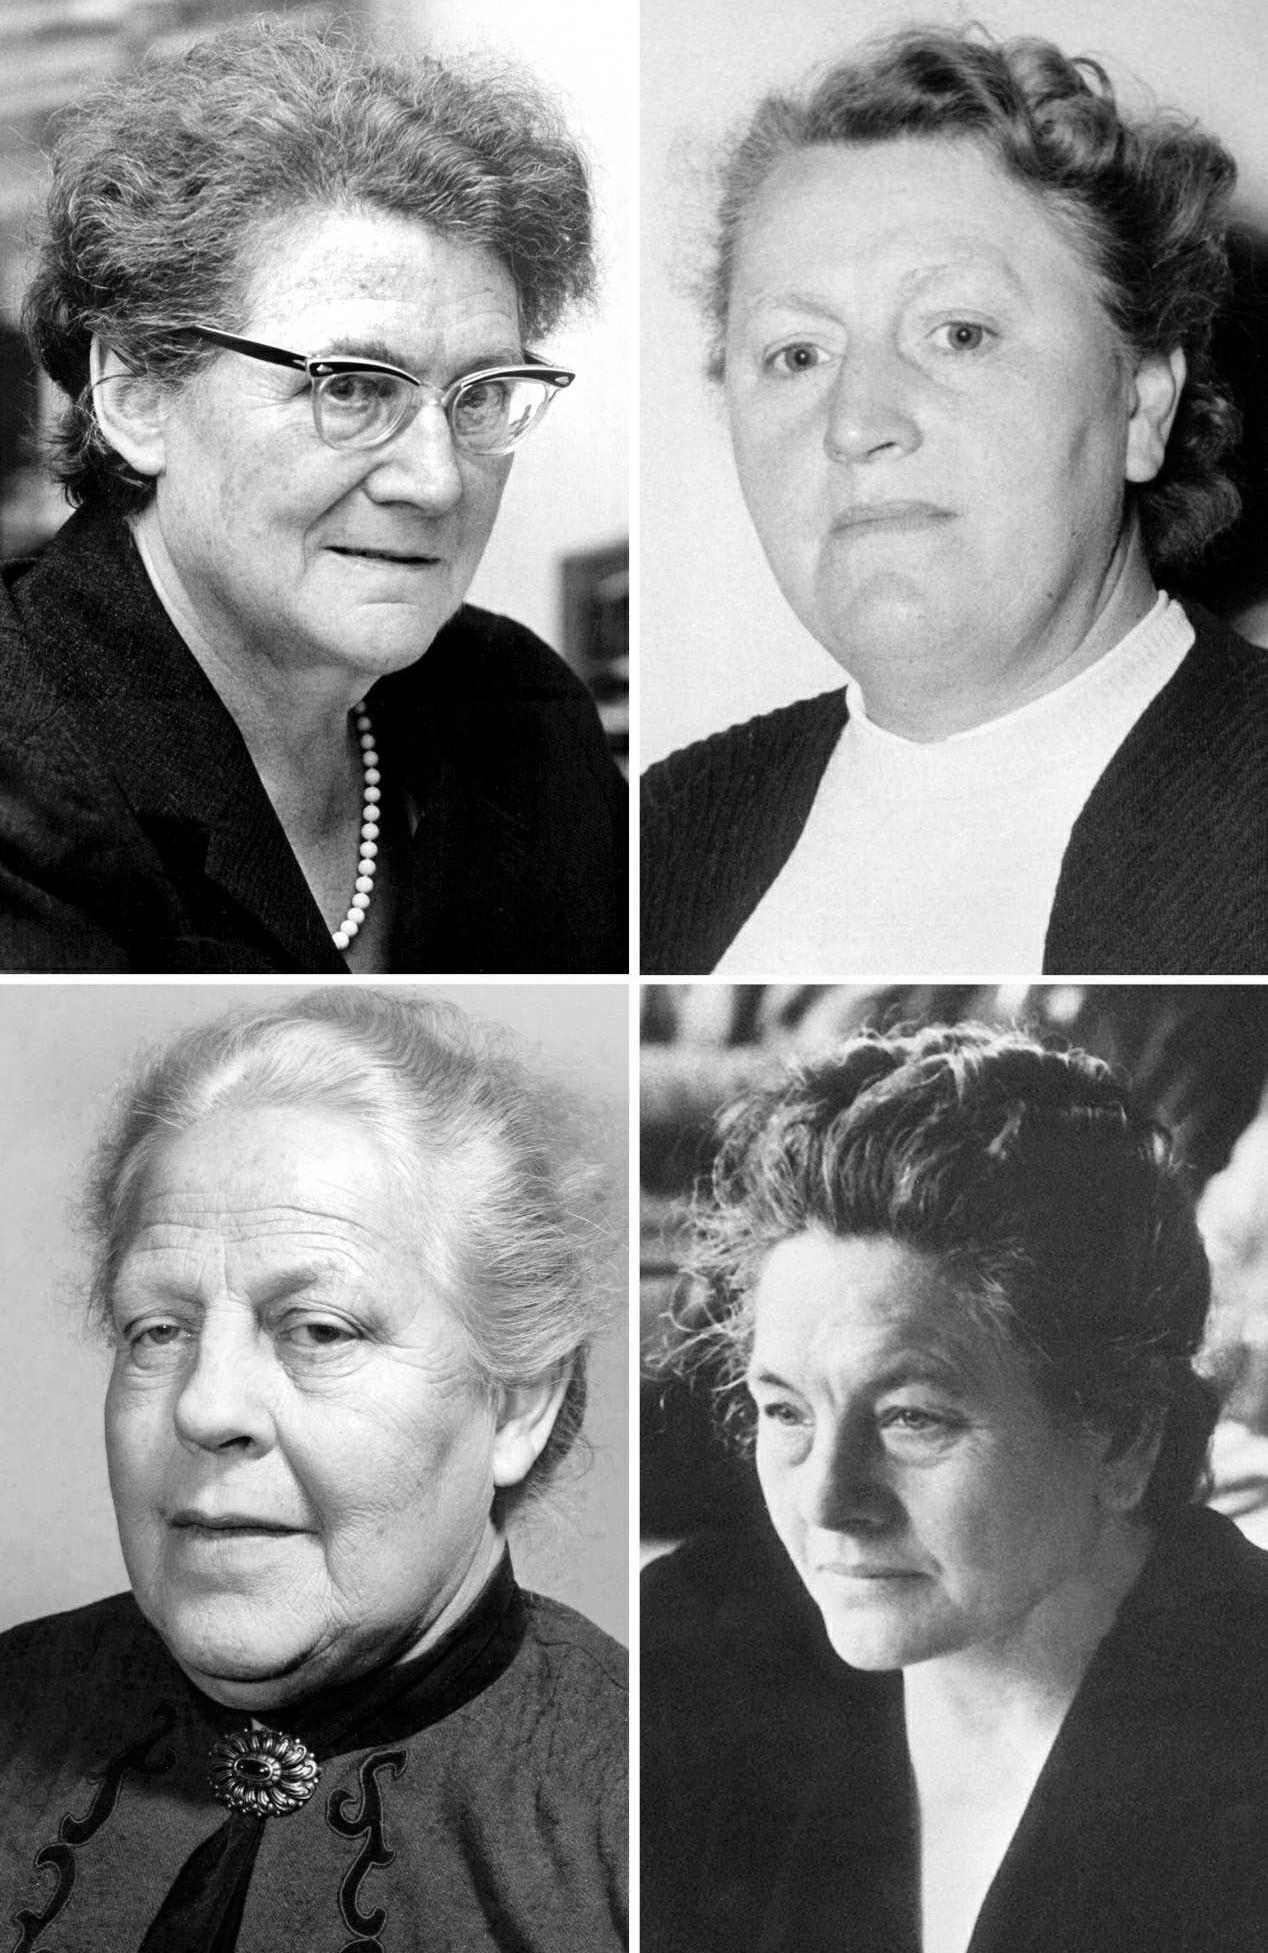 Ohne sie gäbe es die im Grundgesetz verankerte Gleichberechtigung von Männern und Frauen nicht: Helene Wessel (oben links, 04.07.1968), Elisabeth Selbert (oben rechts, 1953), Helene Weber (unten links, 08.03.1956), Frieda Nadig (unten rechts, undatiert). Foto: dpa